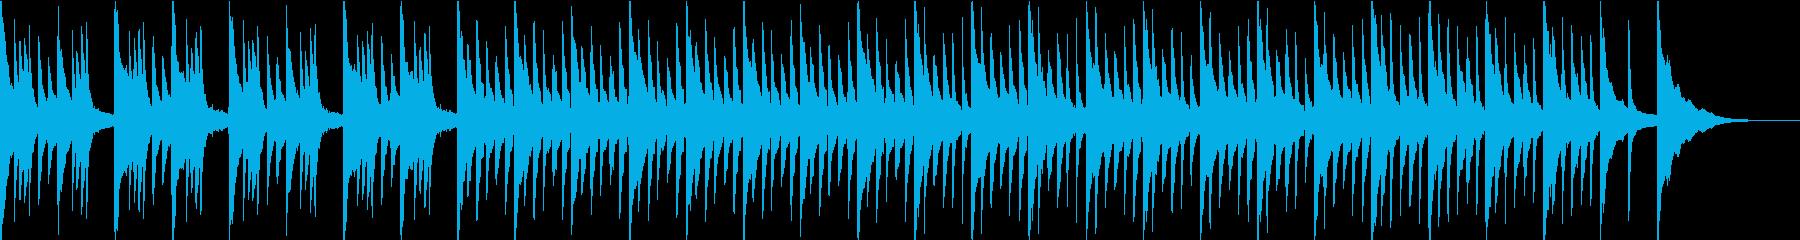 悲しげな雰囲気の憂鬱なピアノ曲の再生済みの波形